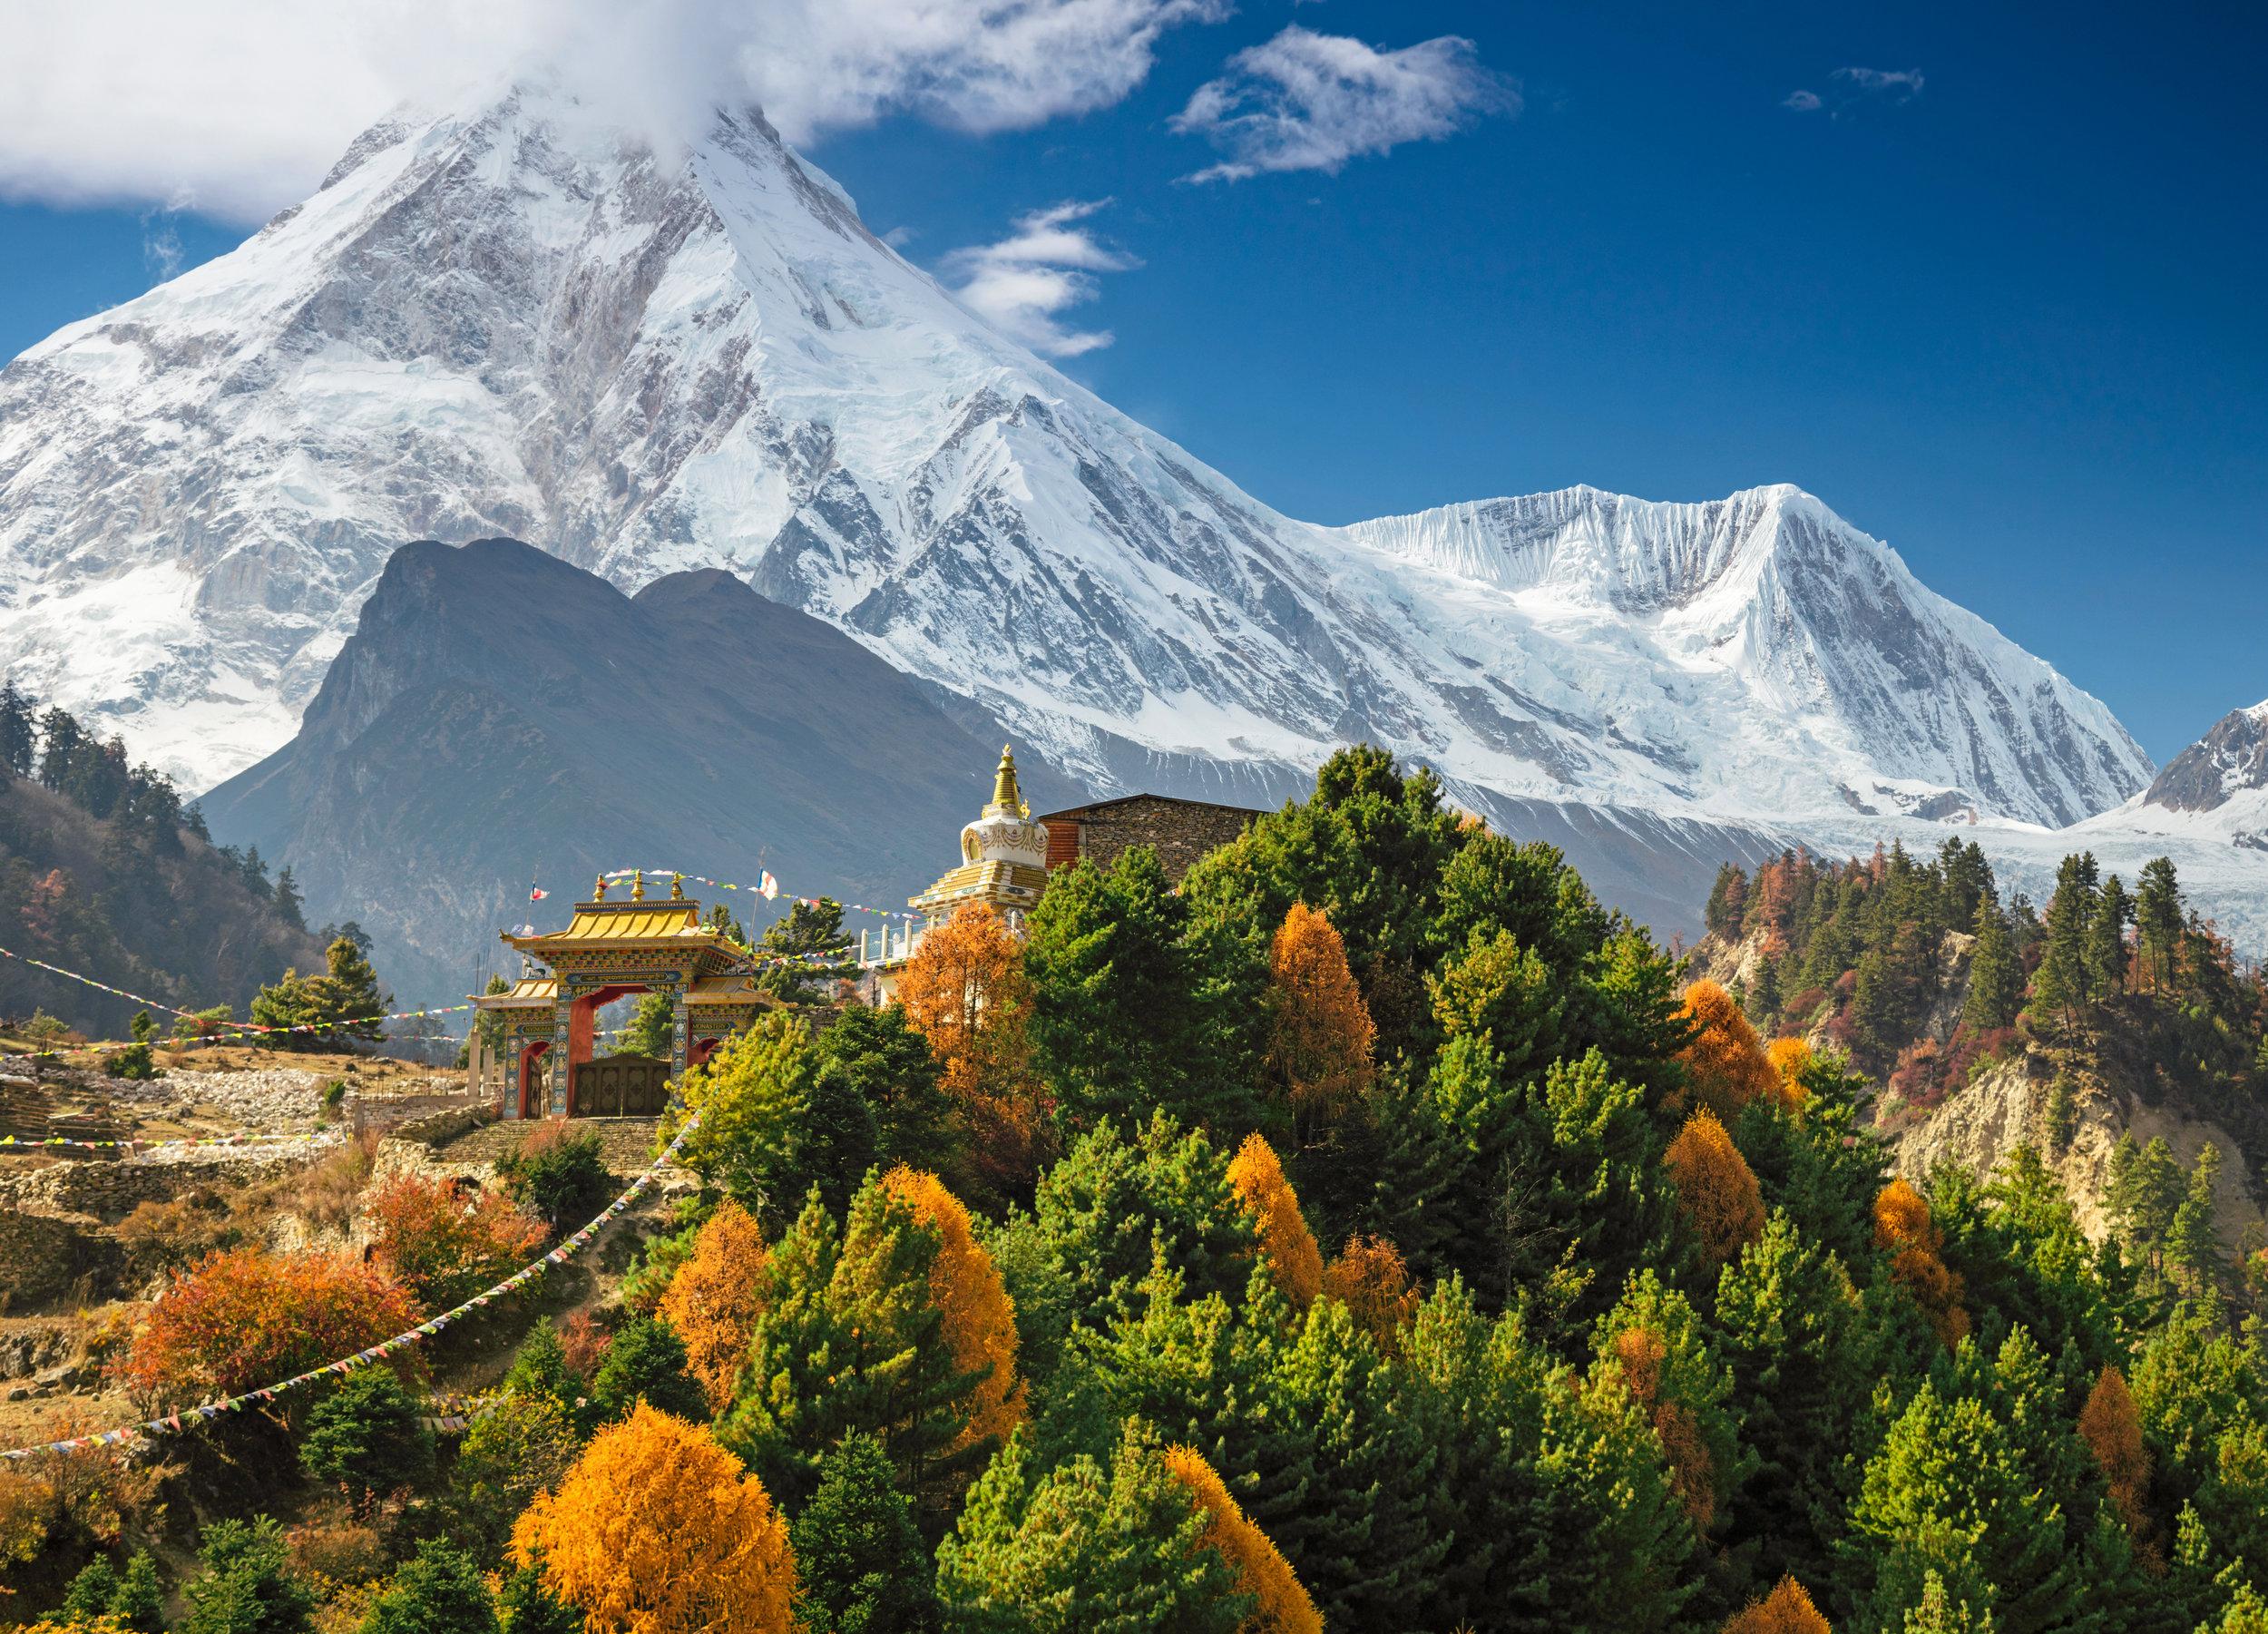 nepal_bigstock-Buddhist-monastery-and-Manaslu-170044178.jpg